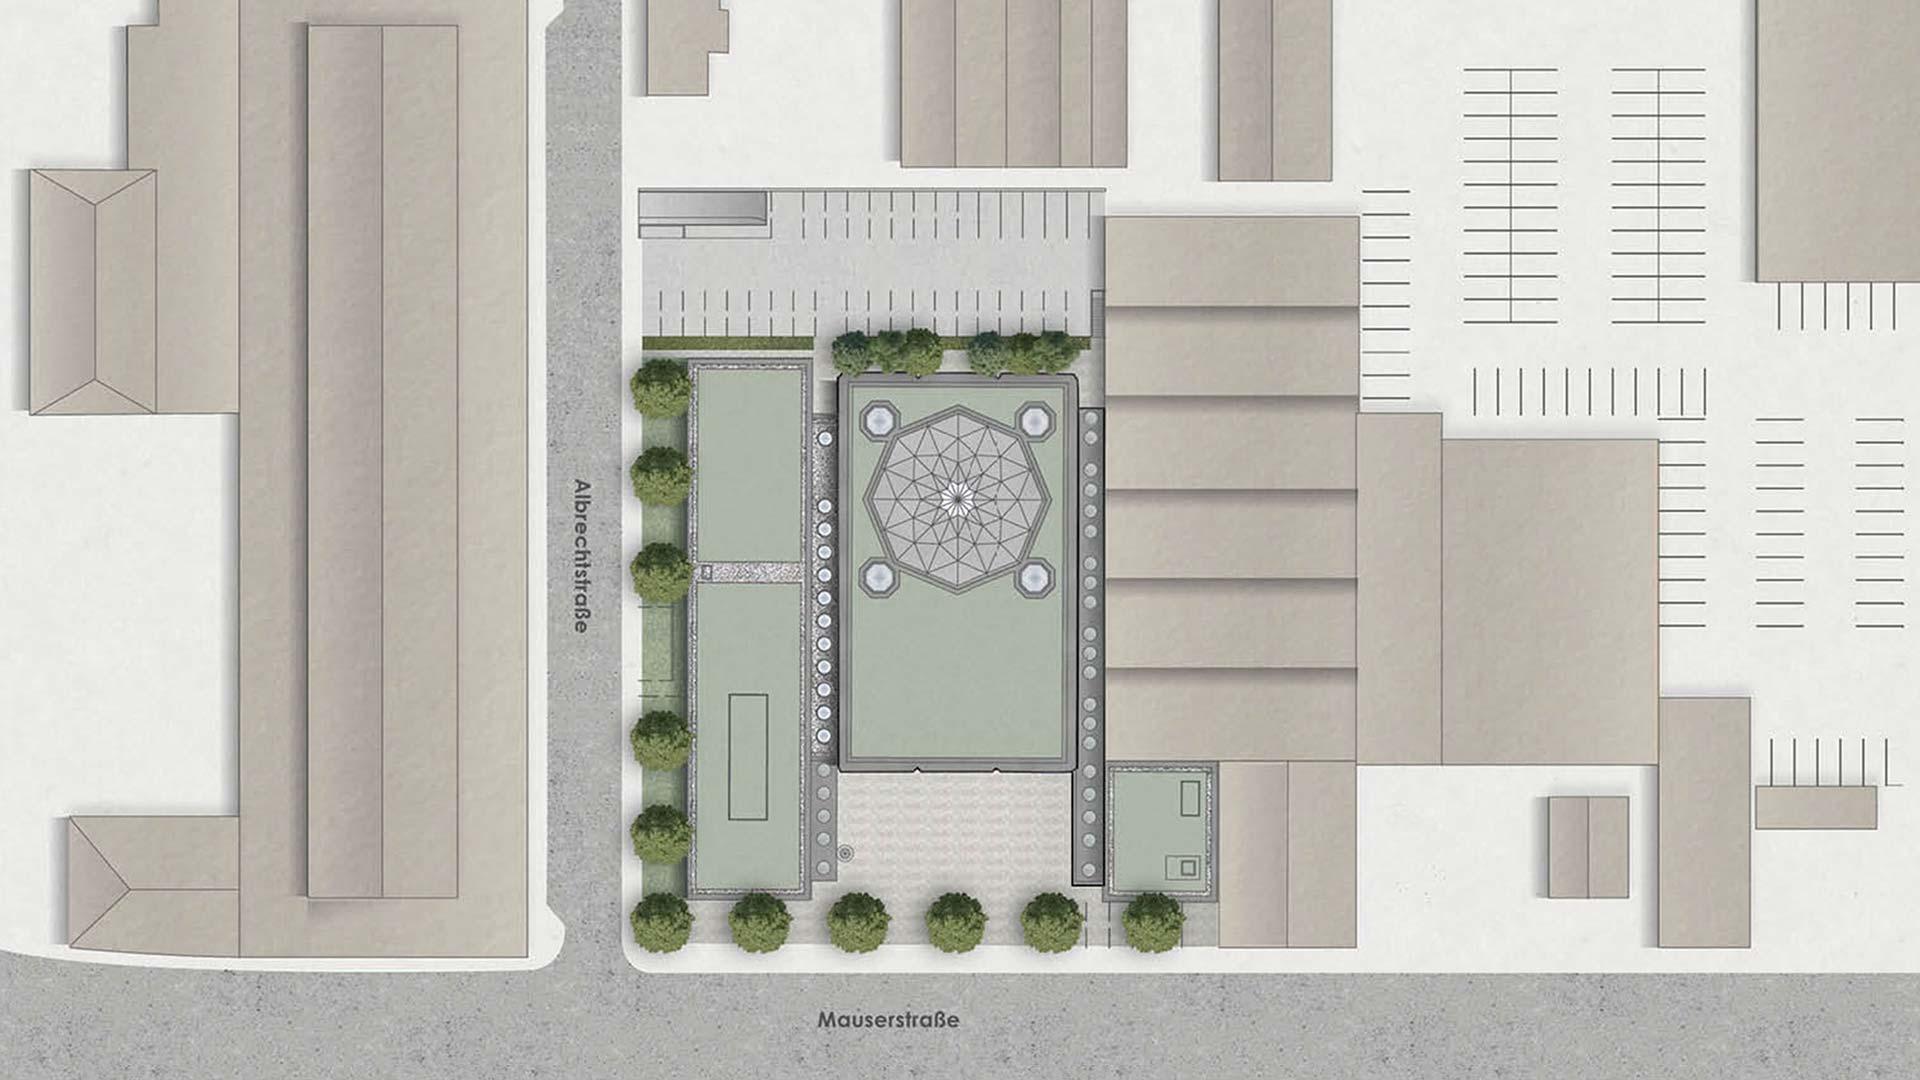 Blick von oben - Auf dem Grundriss werden Größe und Lage der drei Baukörper des Komplexes ebenso sichtbar wie das zentrale Ornament im Innenraum der Moschee.